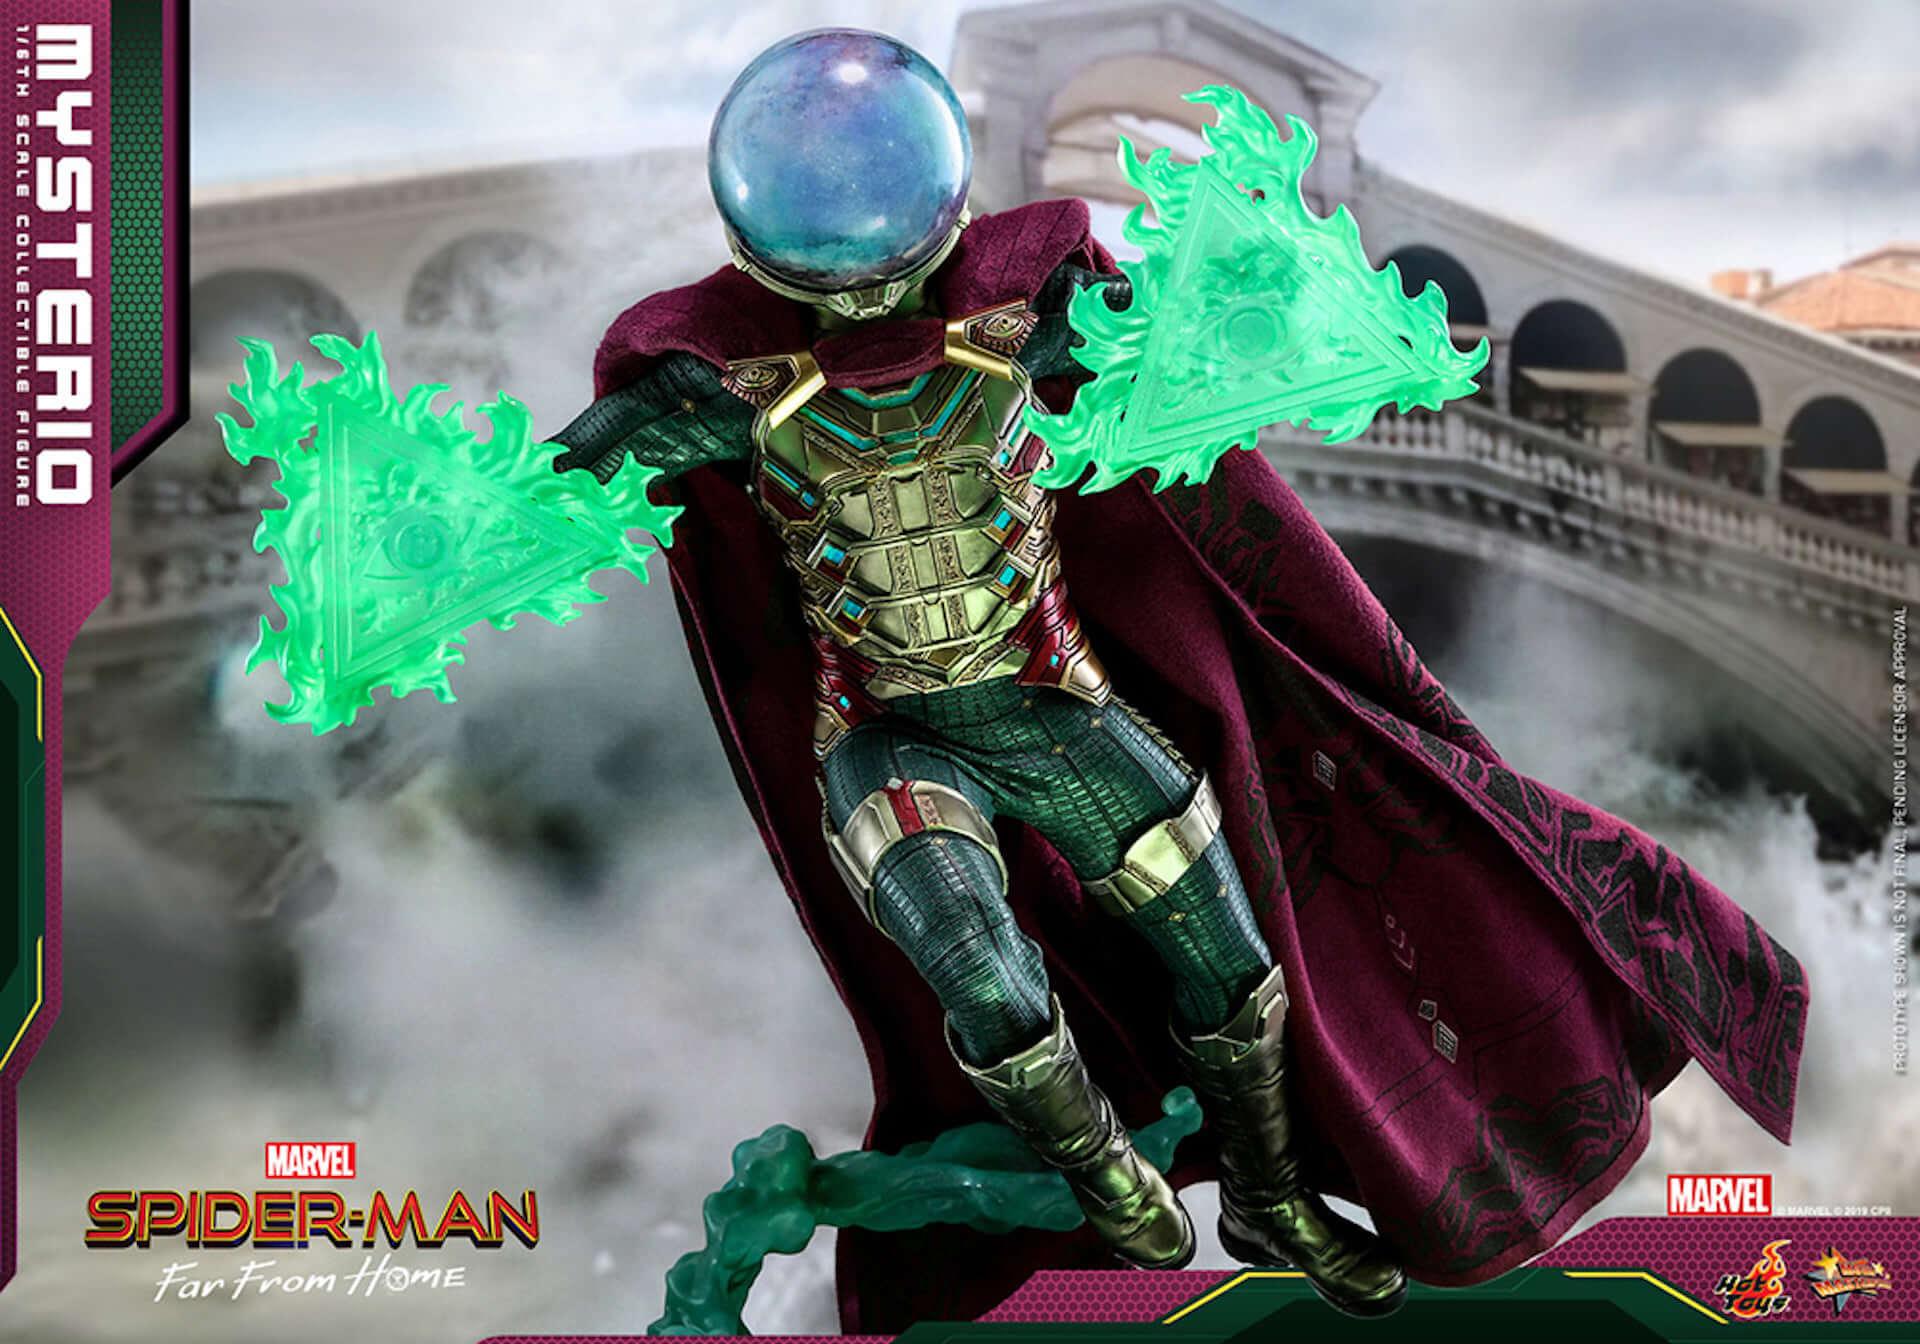 『スパイダーマン:ファー・フロム・ホーム』のミステリオが超リアルなフィギュアとして登場! art190911_sffh_mysterio_hottoys_3-1920x1344